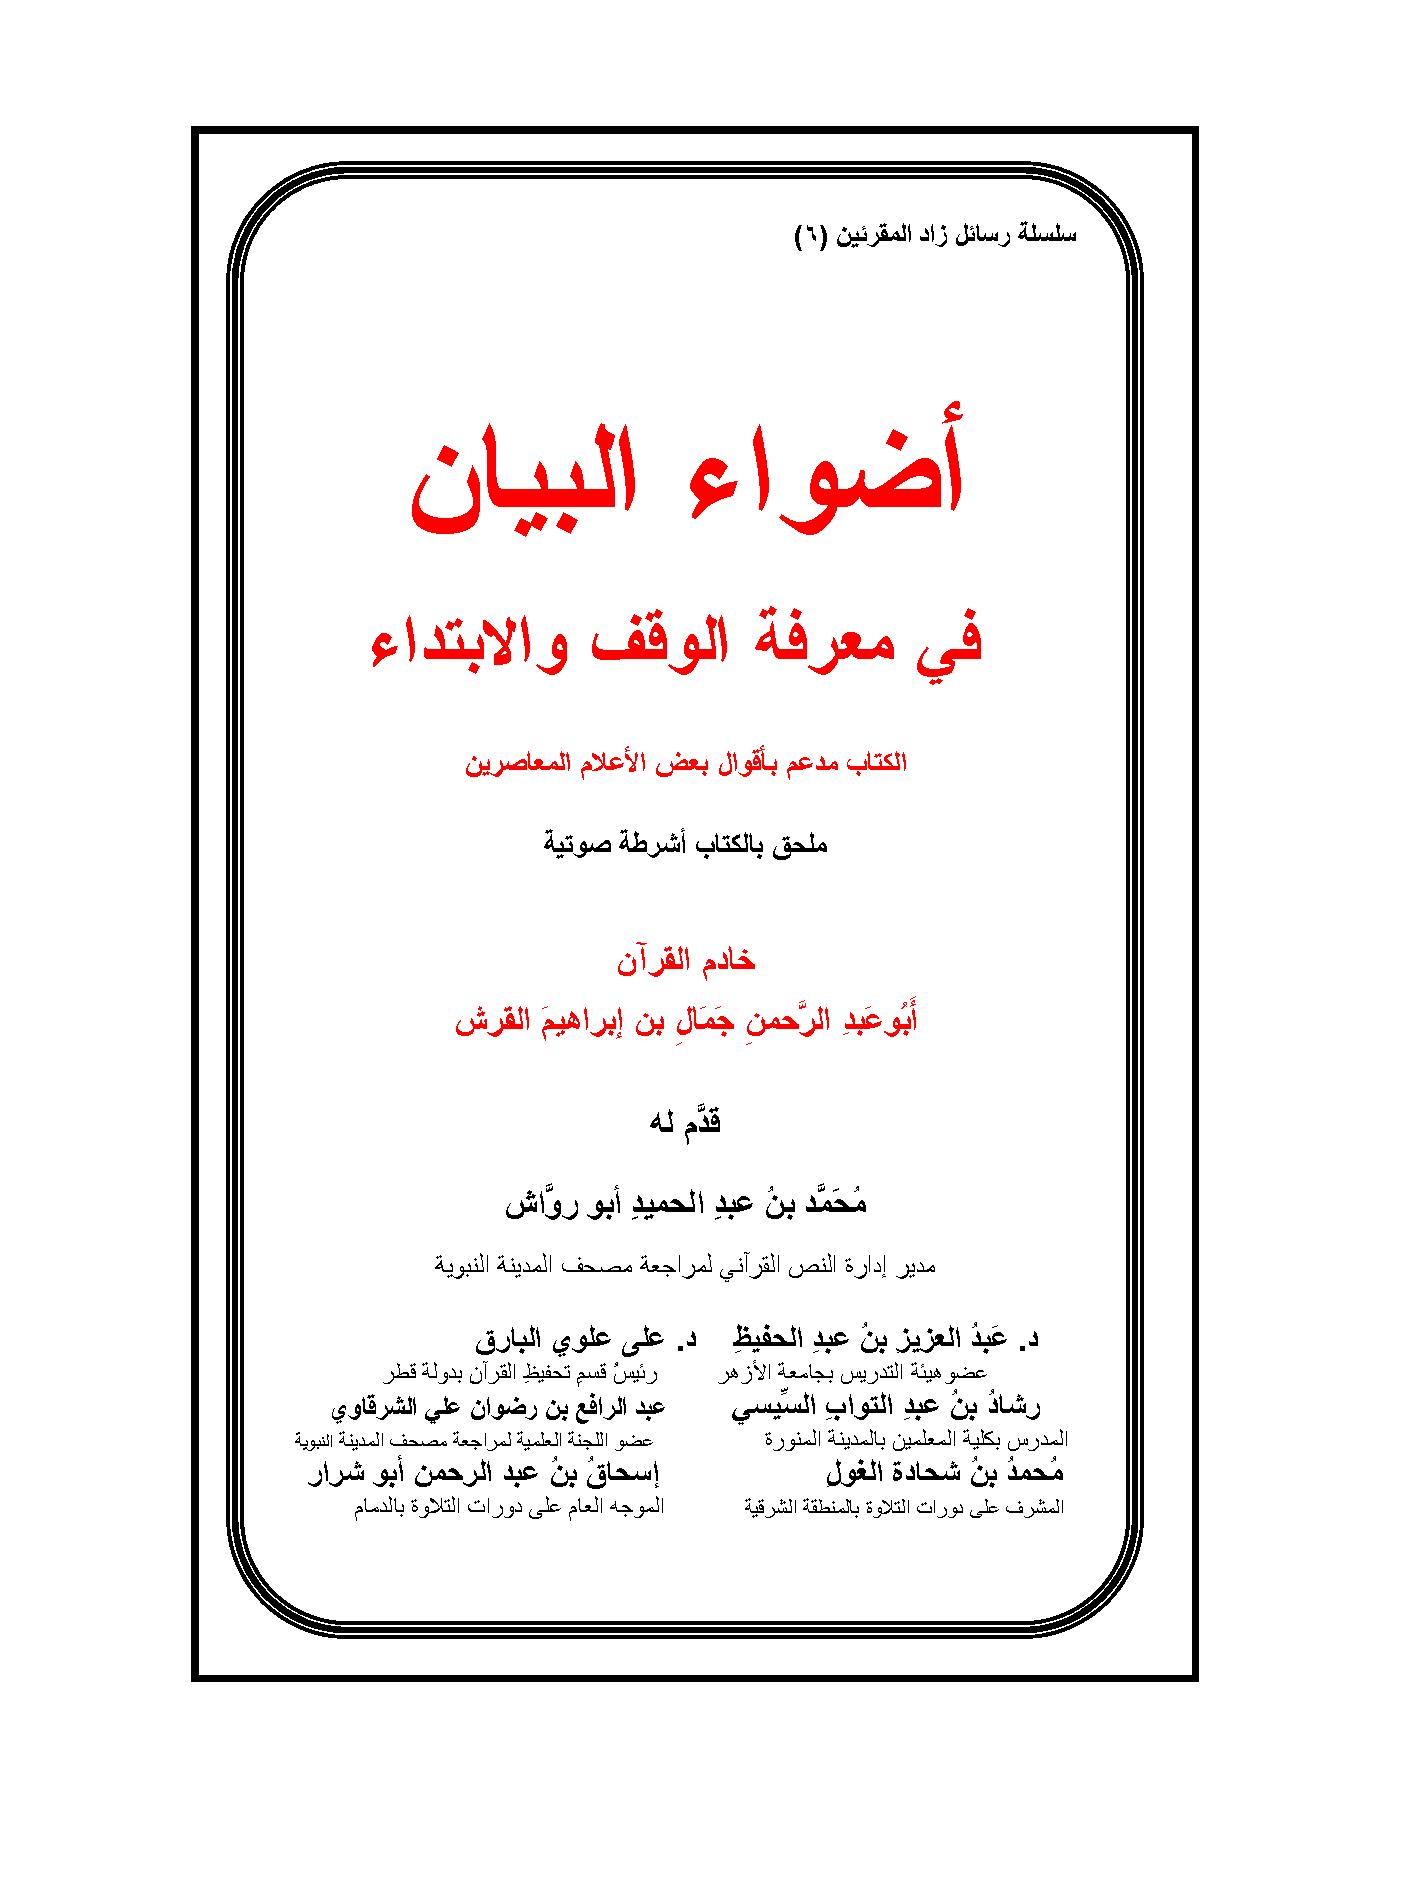 تحميل كتاب أضواء البيان في معرفة الوقف والابتداء لـِ: الشيخ أبو عبد الرحمن جمال بن إبراهيم القرش